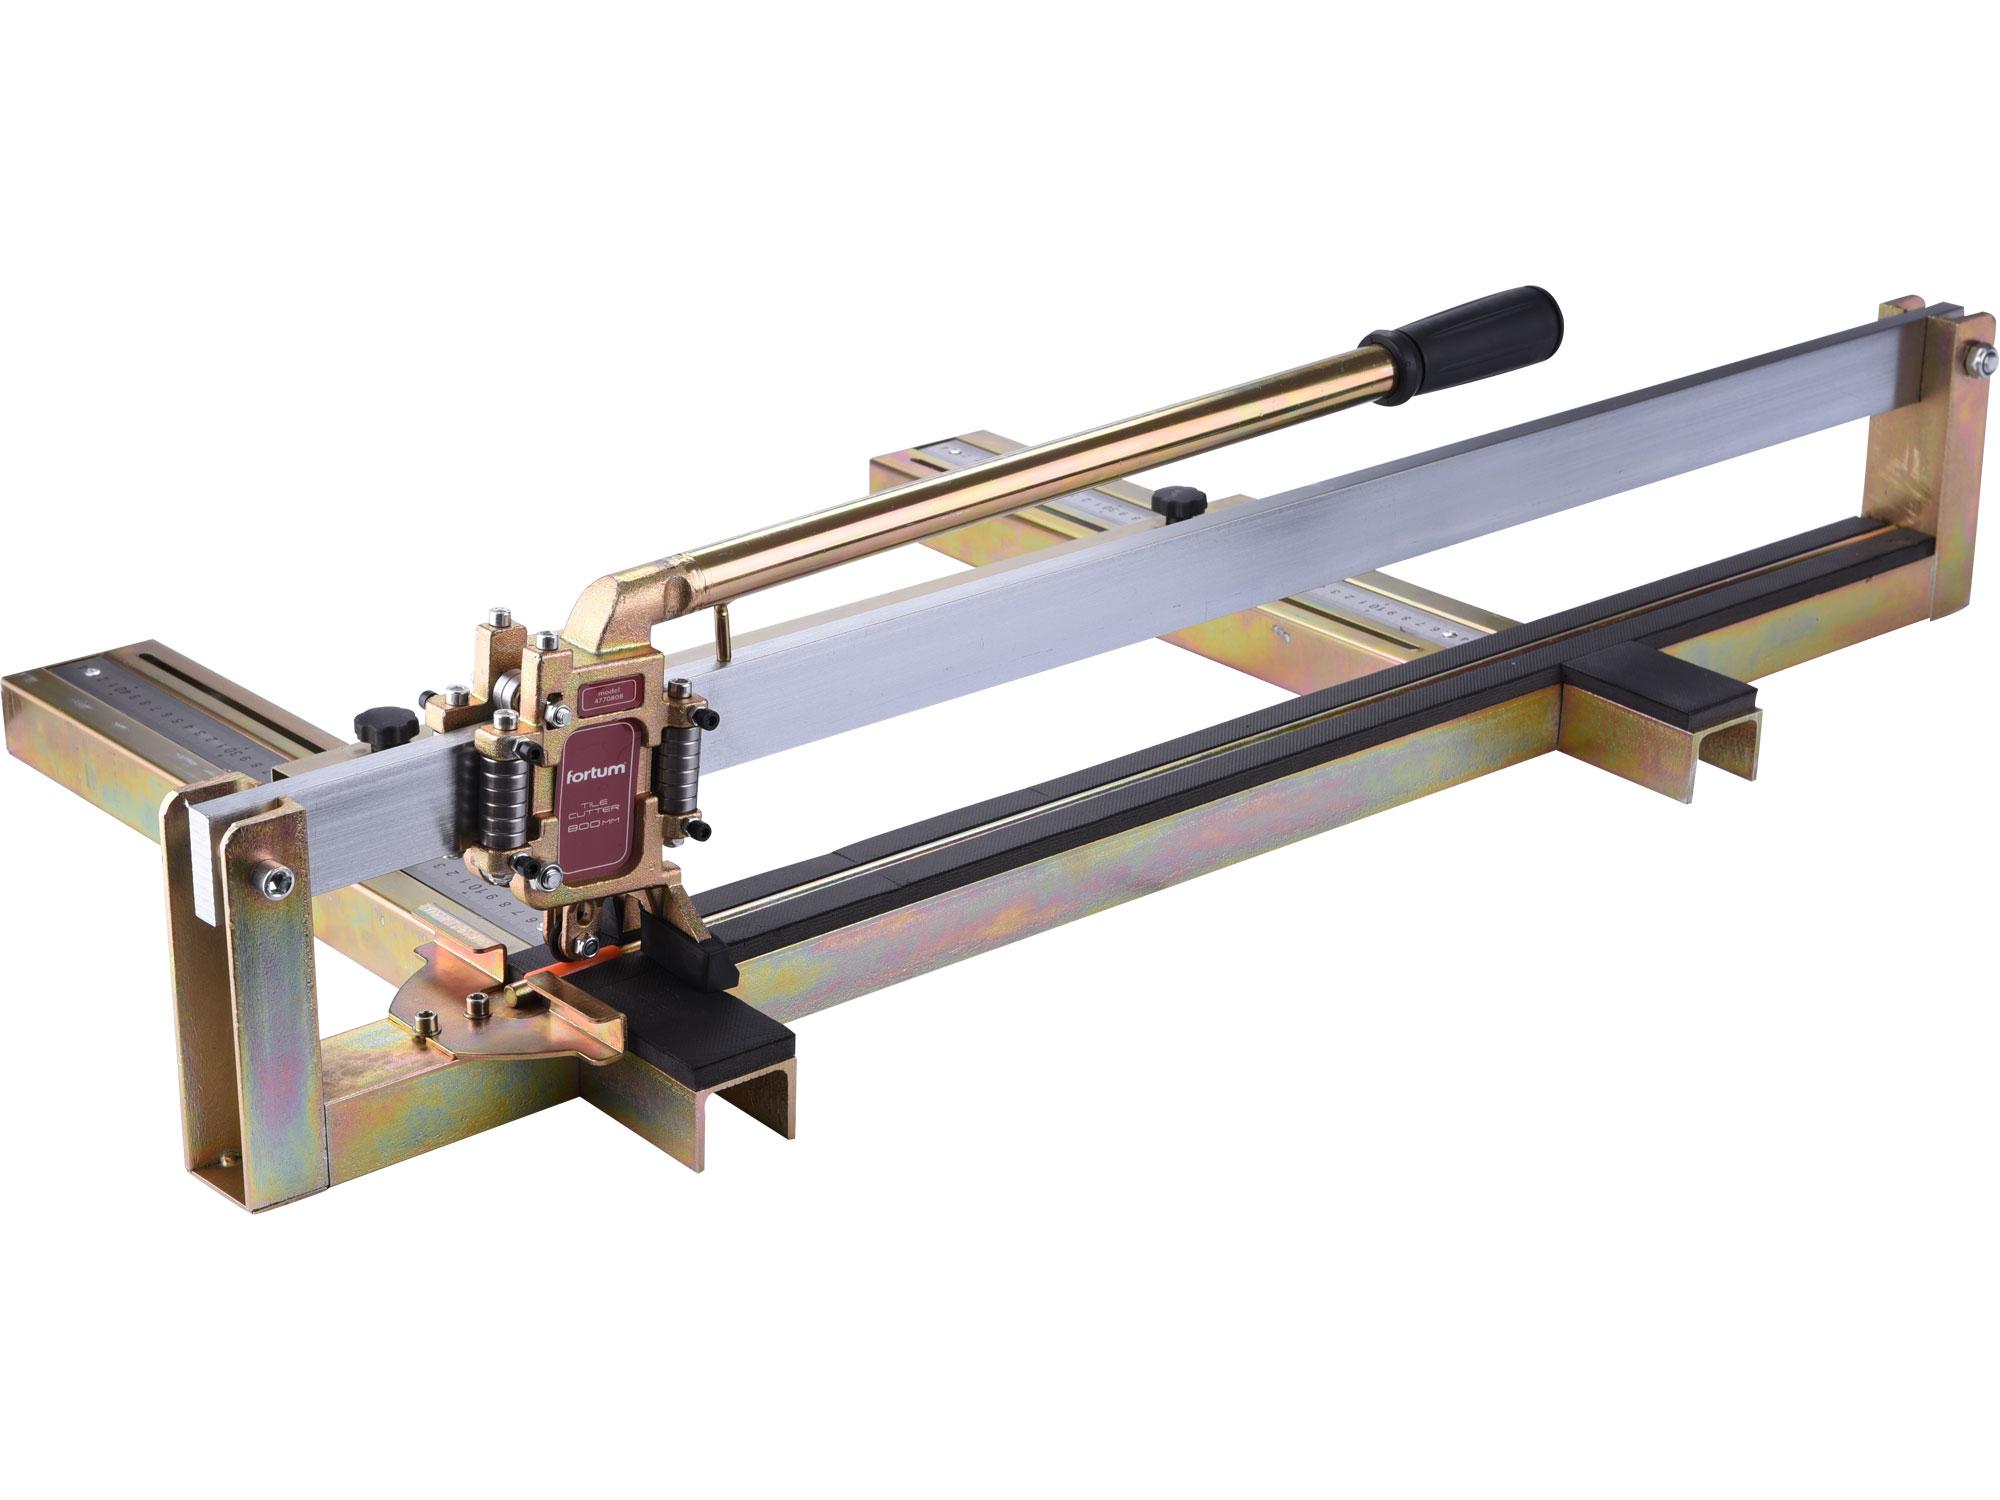 řezačka obkladů profesionální, 800mm